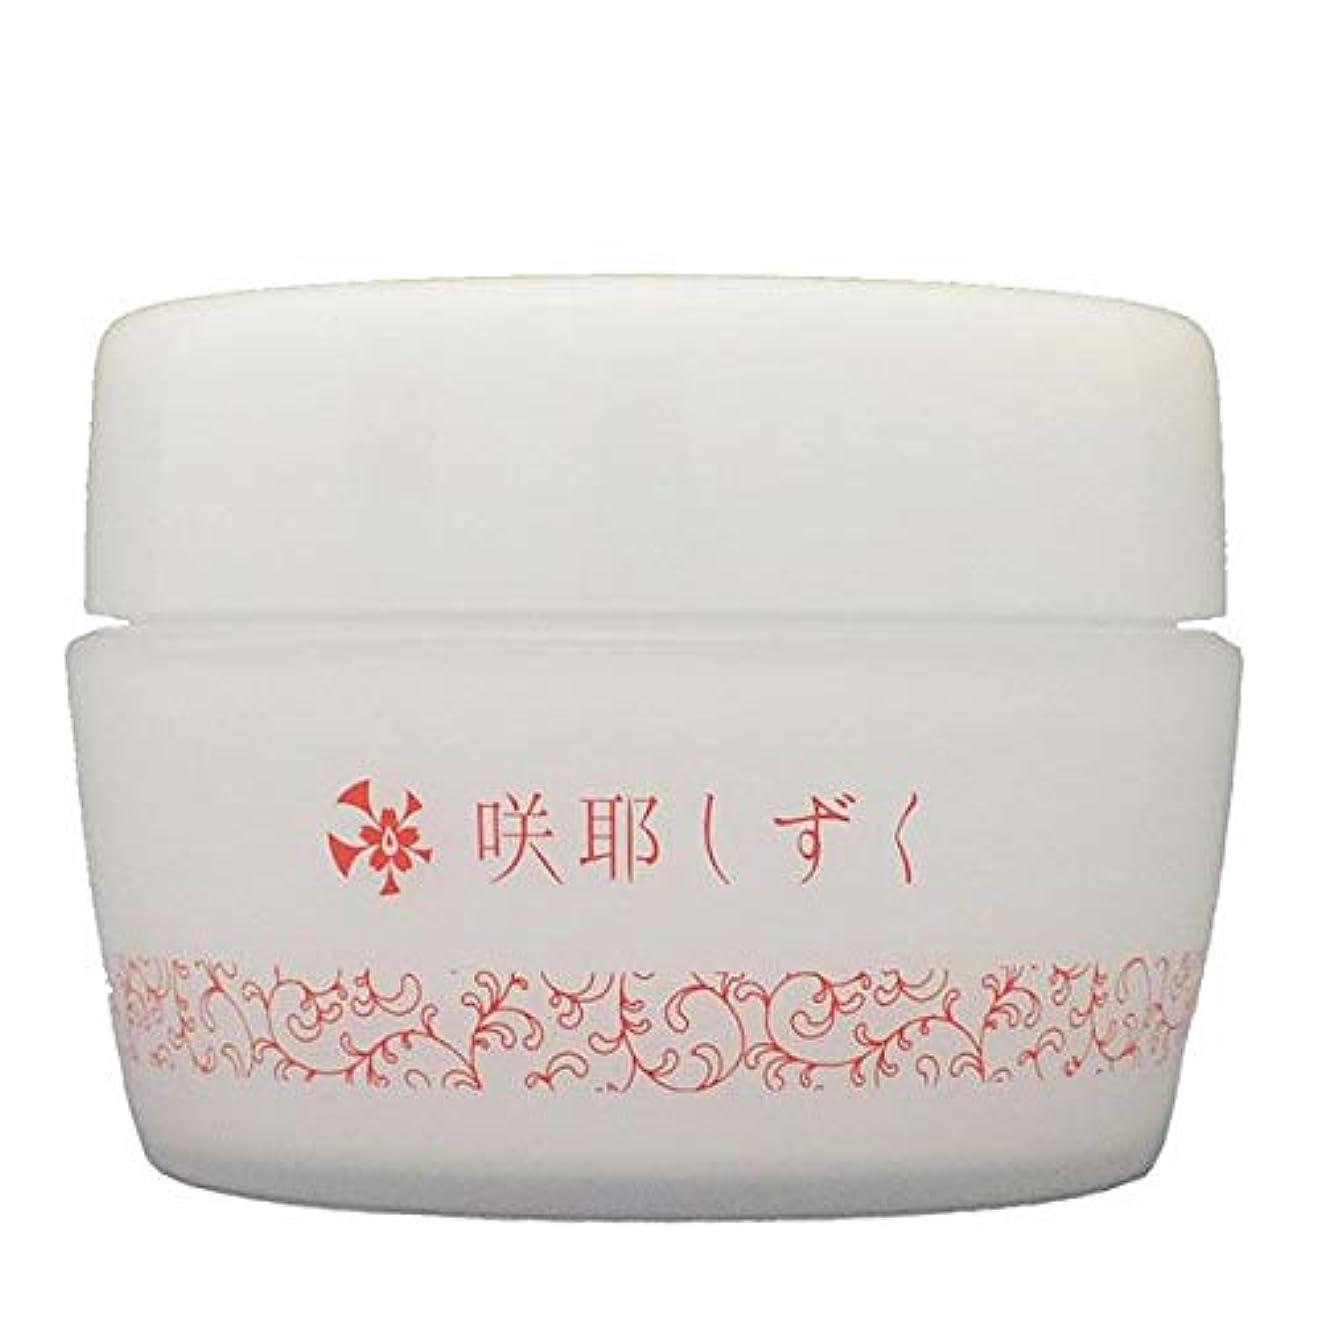 スクリュー豚先に咲耶しずく クリーム 乾燥肌 さくやしずく 敏感肌 エムズジャパン M's Japan ms-sge01